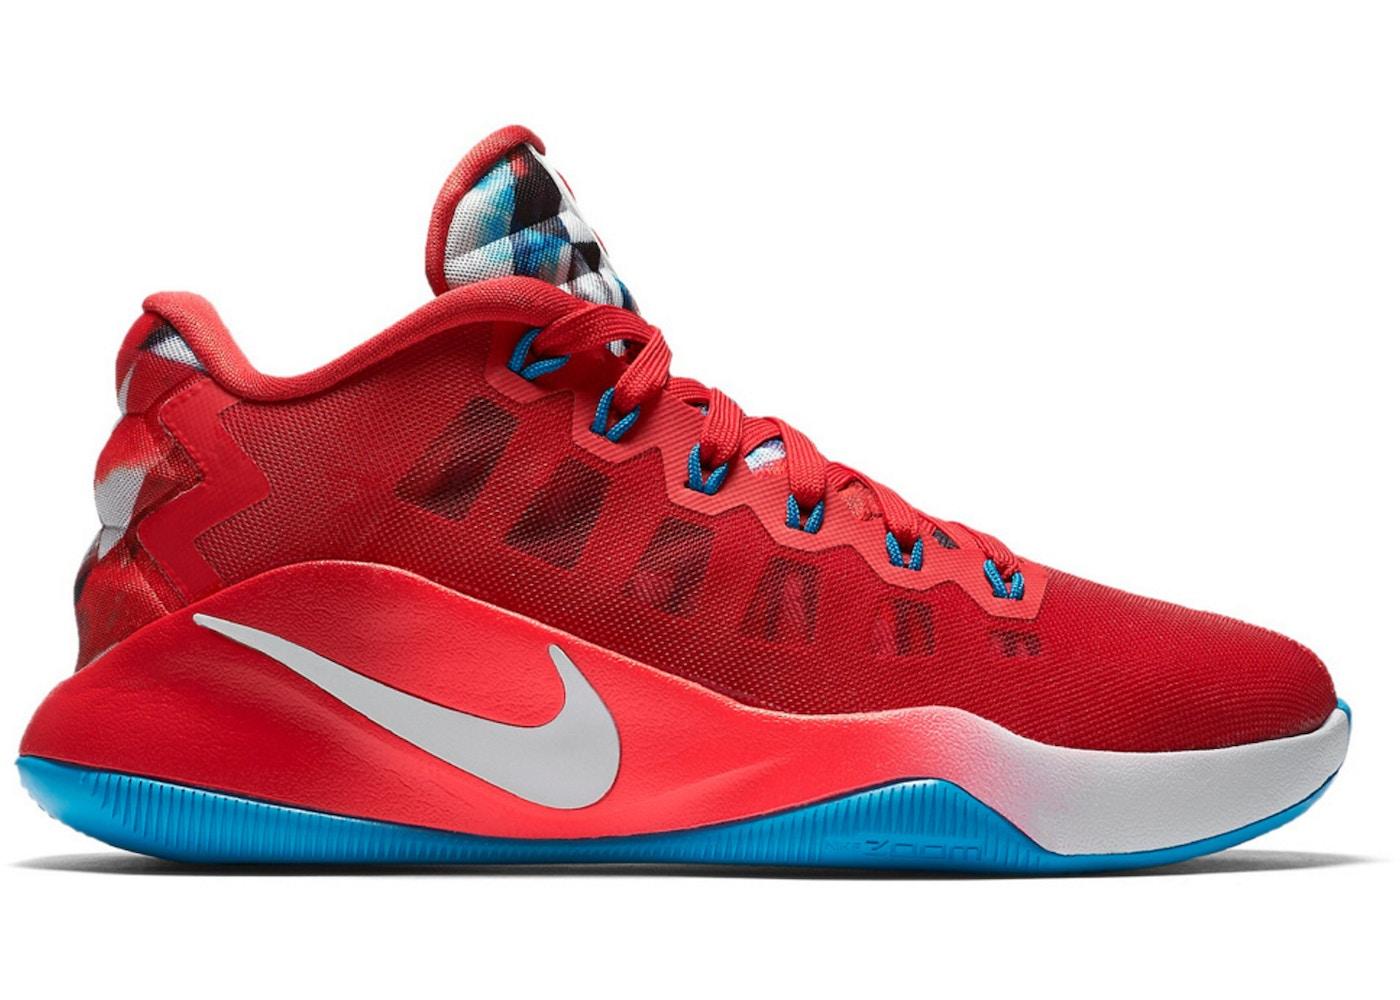 445df048307e Buy Nike Basketball Hyperdunk Shoes   Deadstock Sneakers